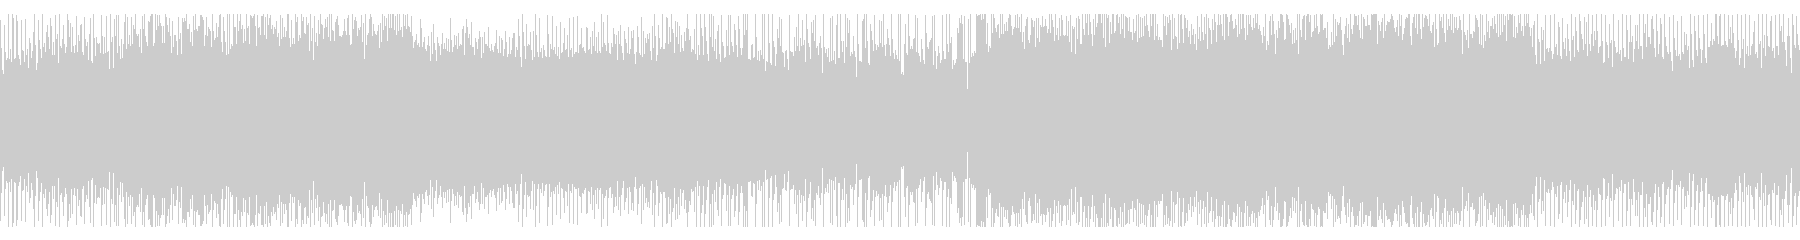 ピアノ/EDM/ゲーム・映像等のBGMにの未再生の波形